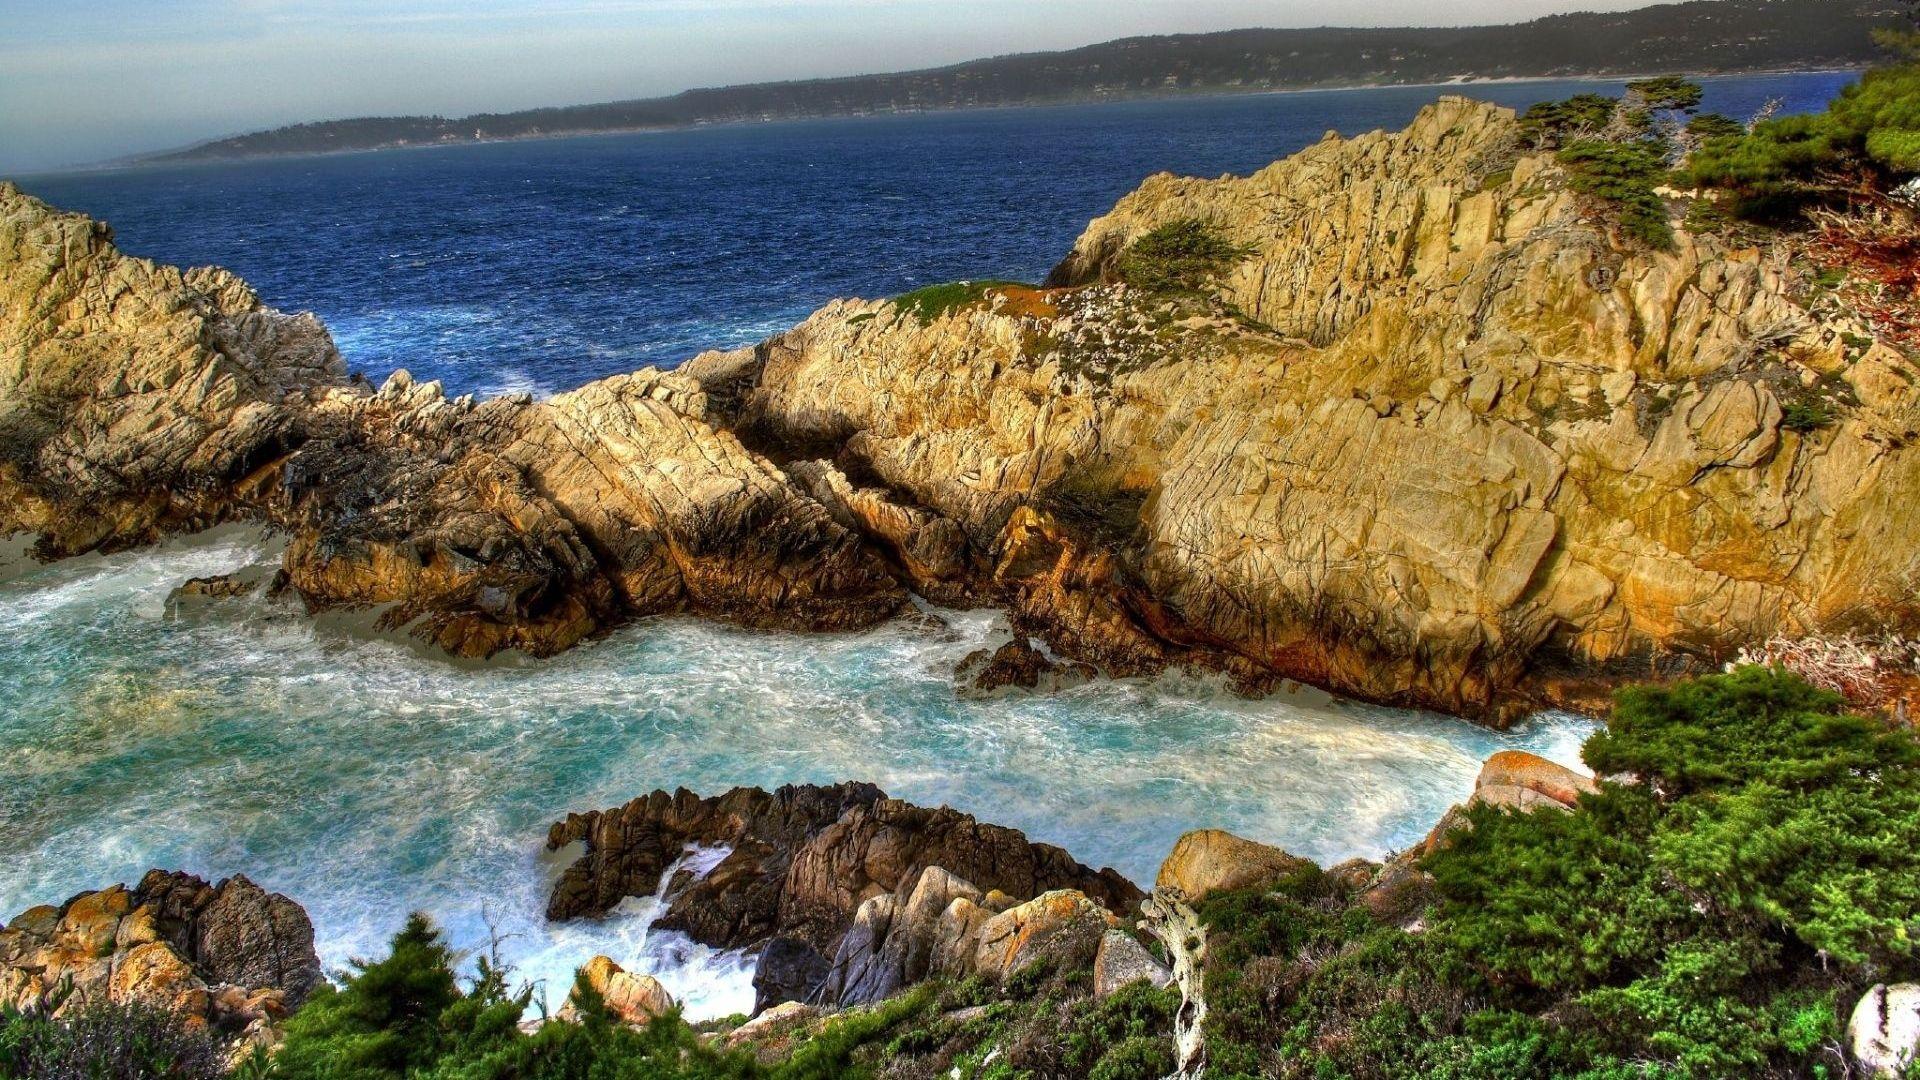 красивые фото морского побережья для активных